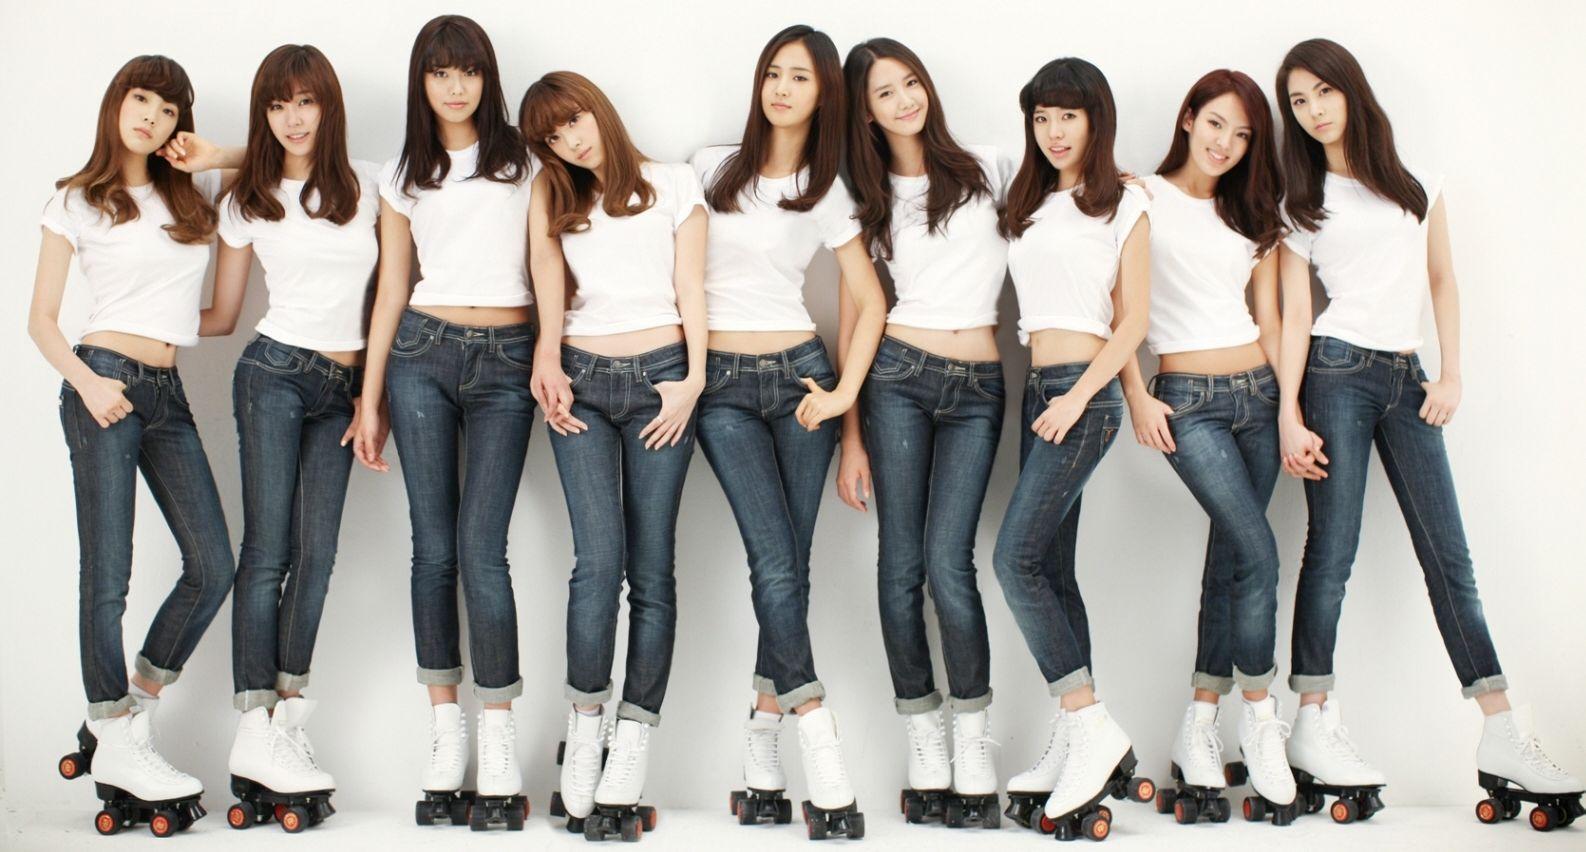 girls-geneartion-jeans-roller-skates-navels.jpg (JPEG Image, 1586×852 pixels) - Scaled (92%)